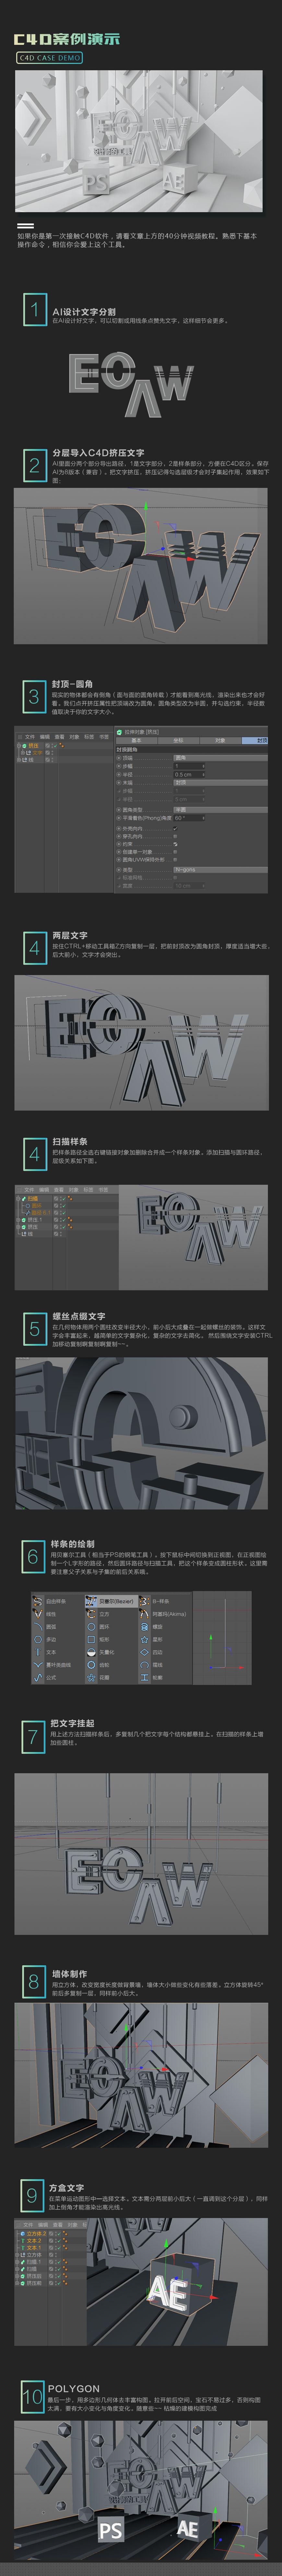 C4D:设计三维活动字体海报